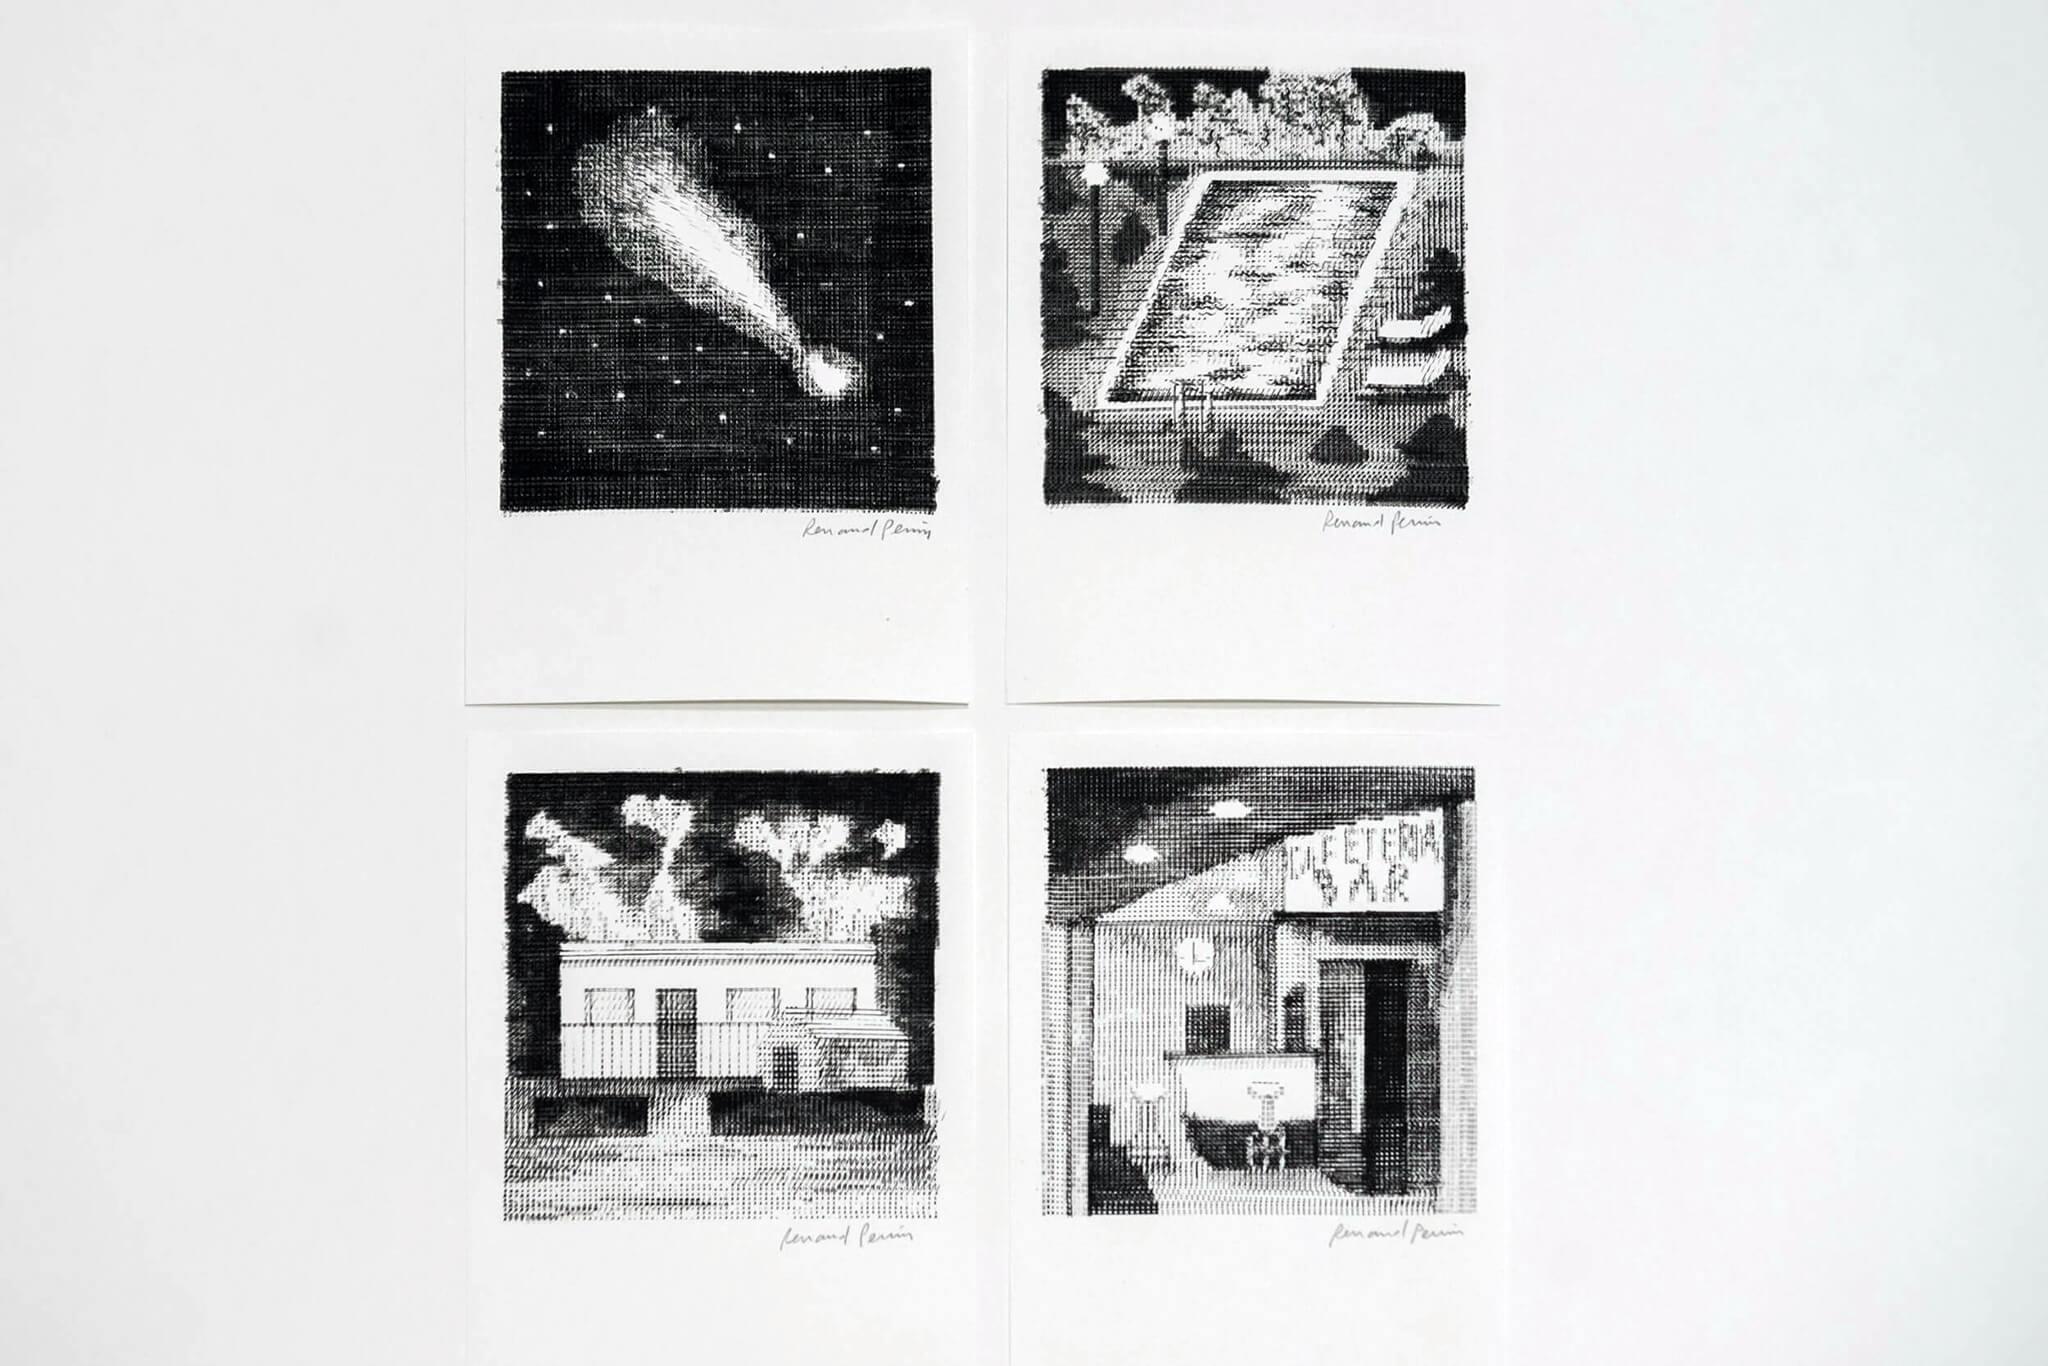 Portfolio - Renaud Perrin - 4 étoiles